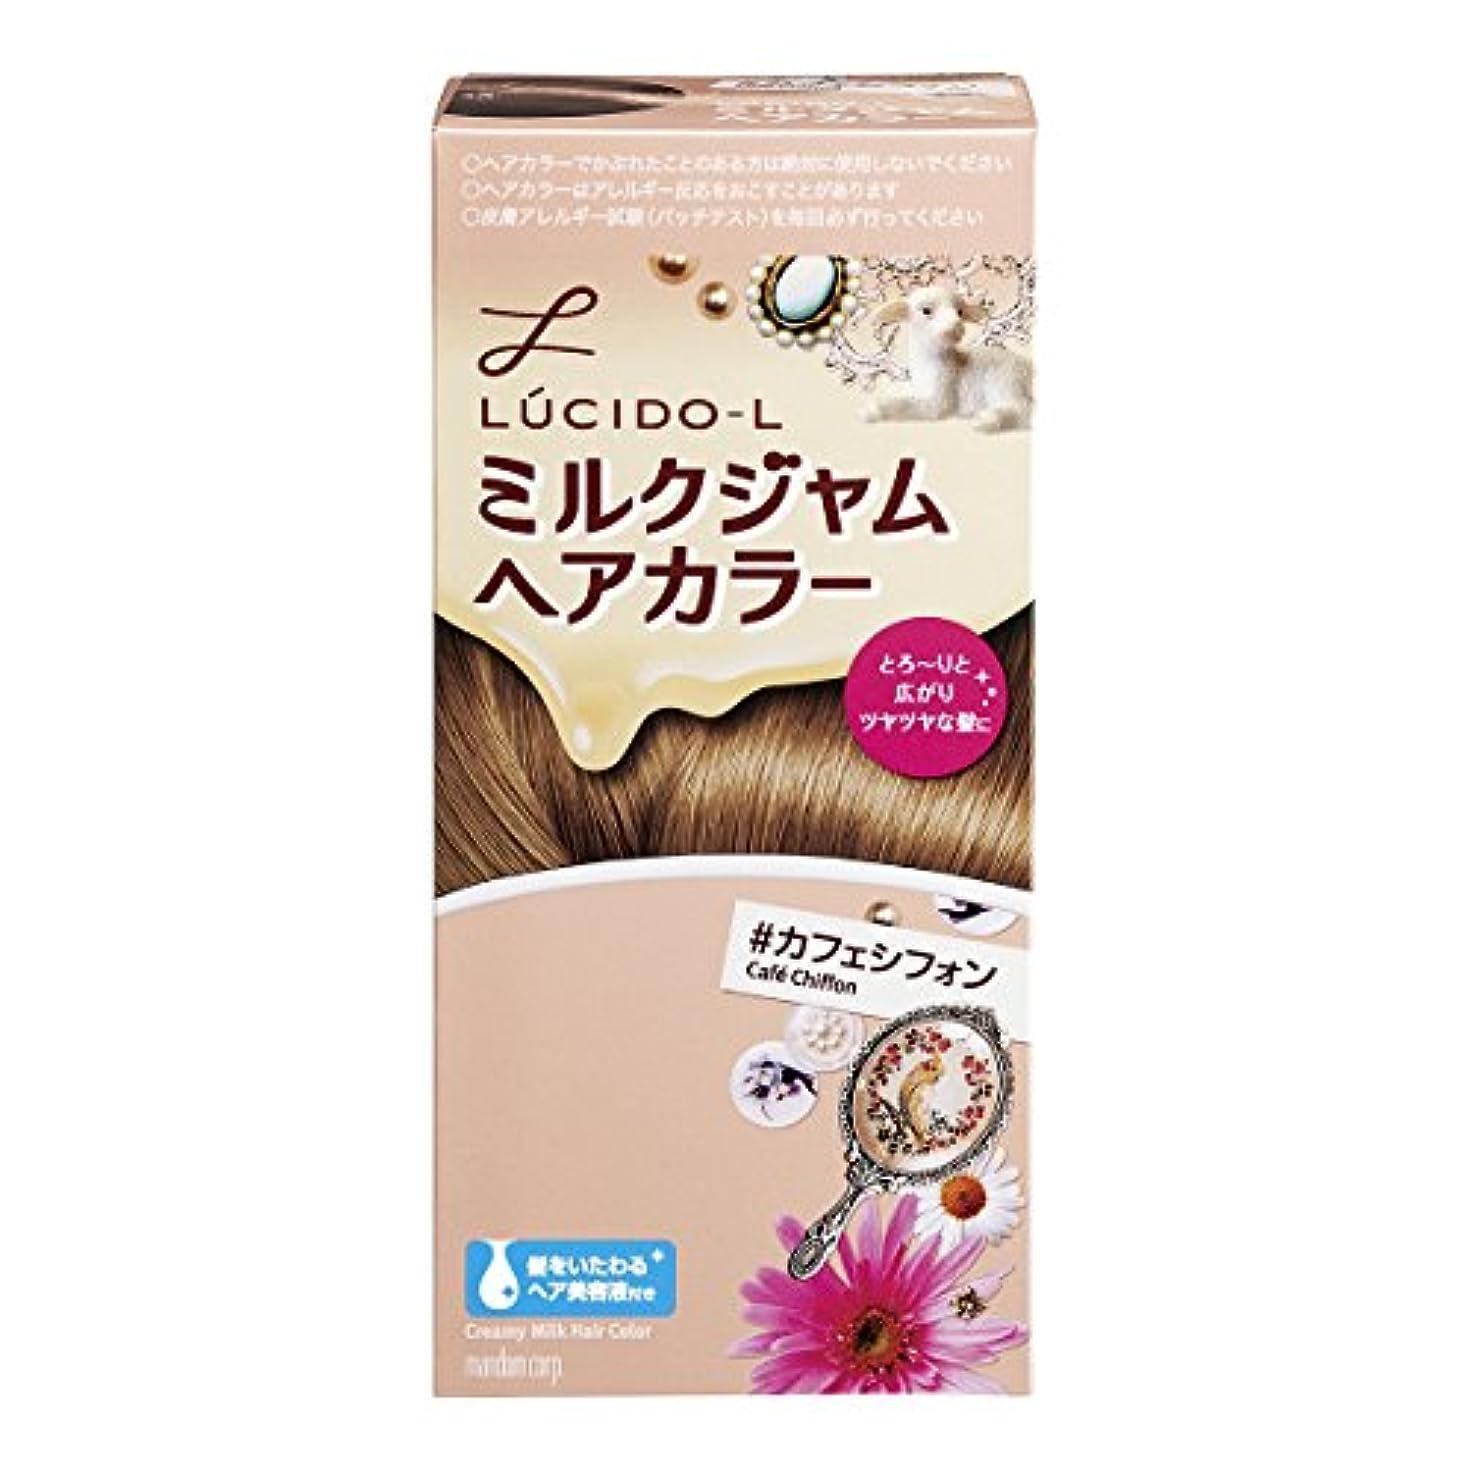 からかうリーガン努力するLUCIDO-L (ルシードエル) ミルクジャムヘアカラー #カフェシフォン(医薬部外品) (1剤40g 2剤80mL TR5g)